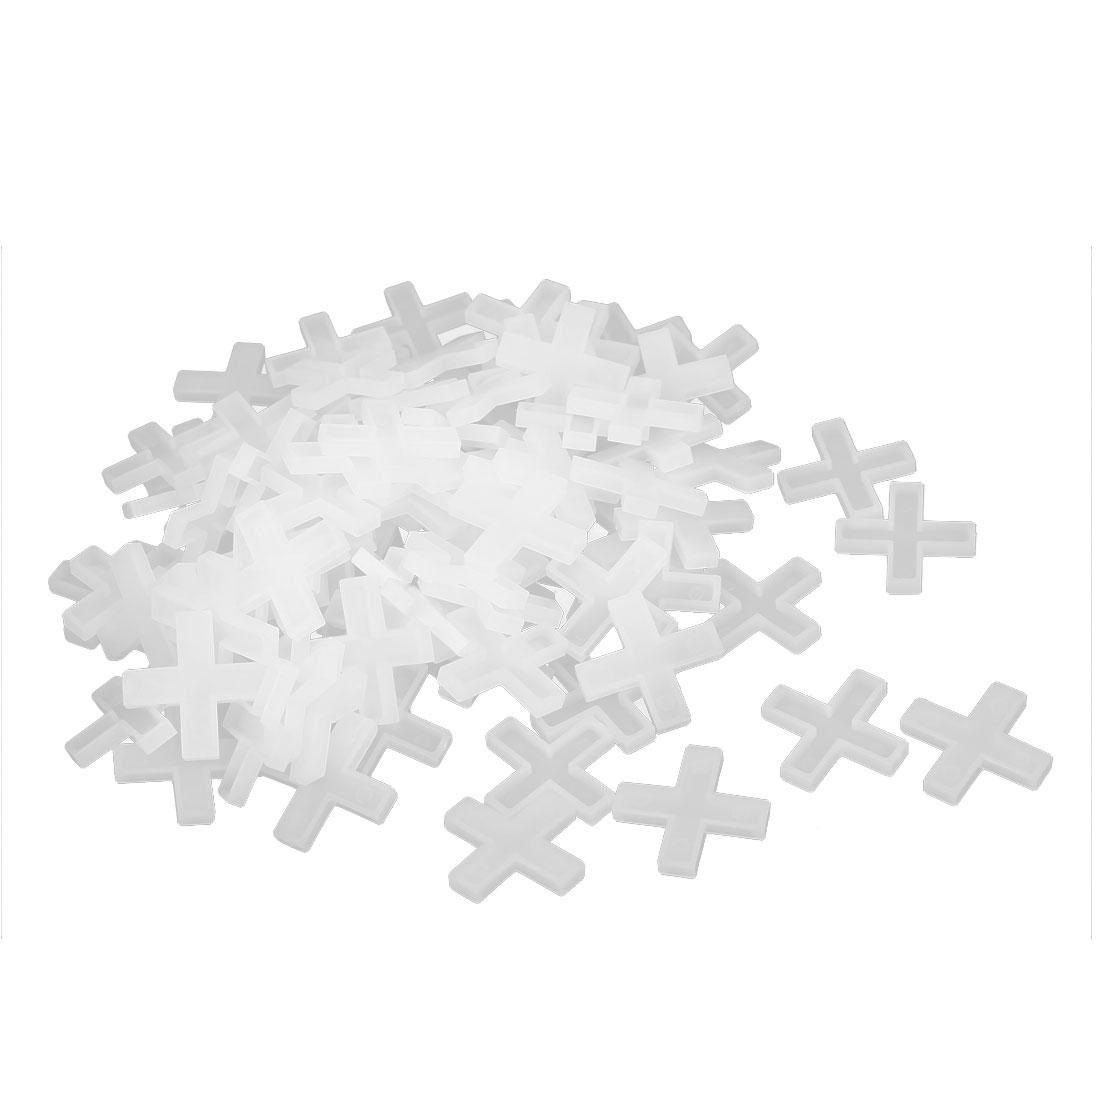 Wall Floor Tile Plastic Cross Spacer 6mm White 100pcs